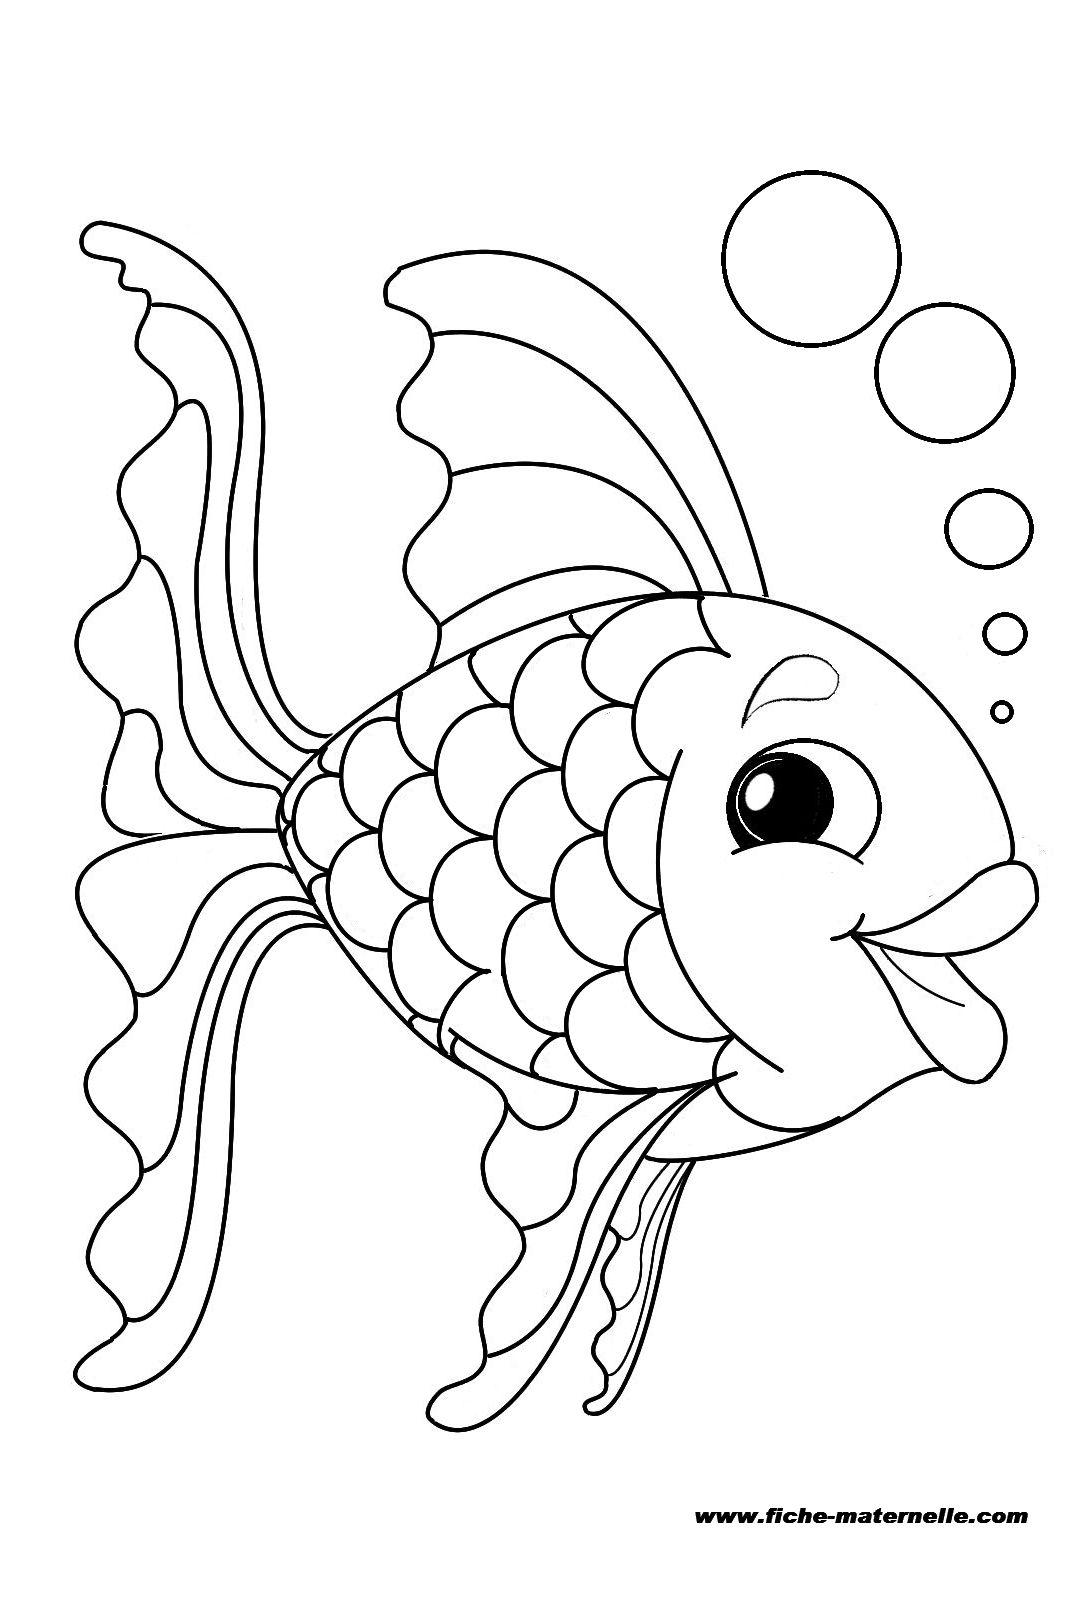 Coloriage un poisson - Poisson dessin ...